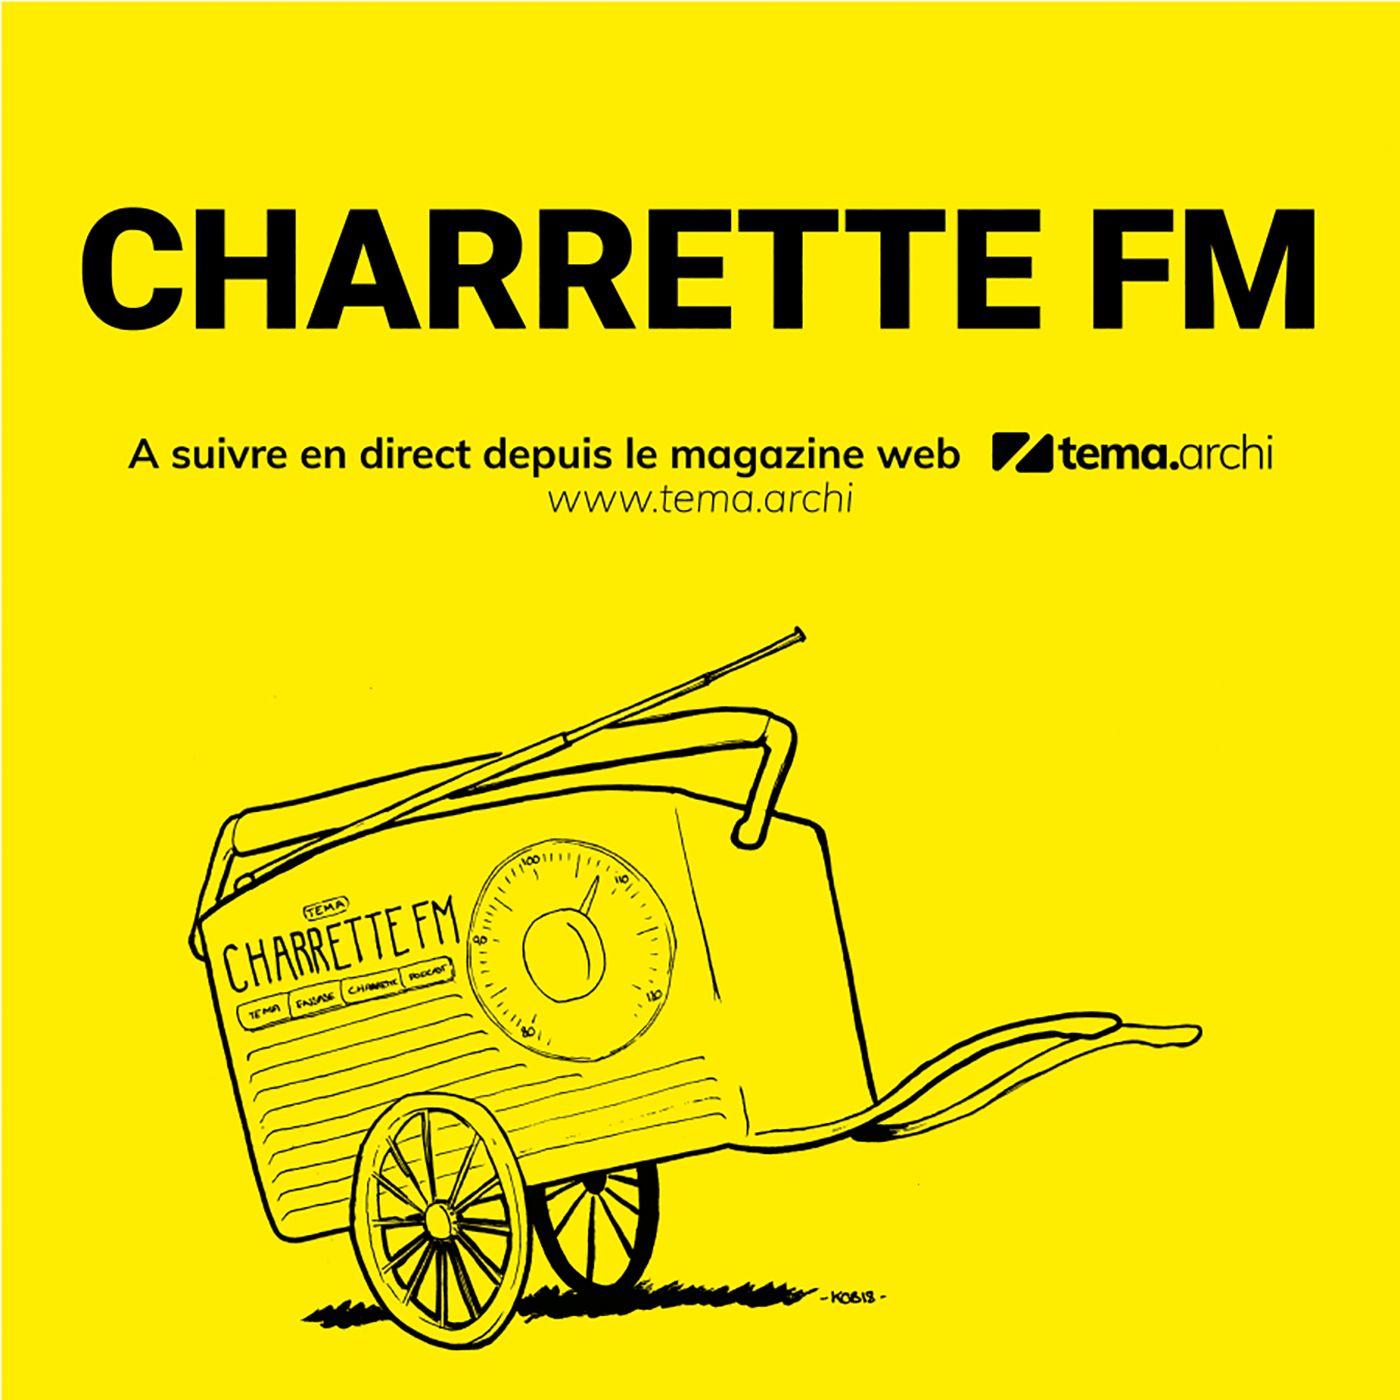 Charrette FM - épisode 1 | 1/3 : Soirée Charrette